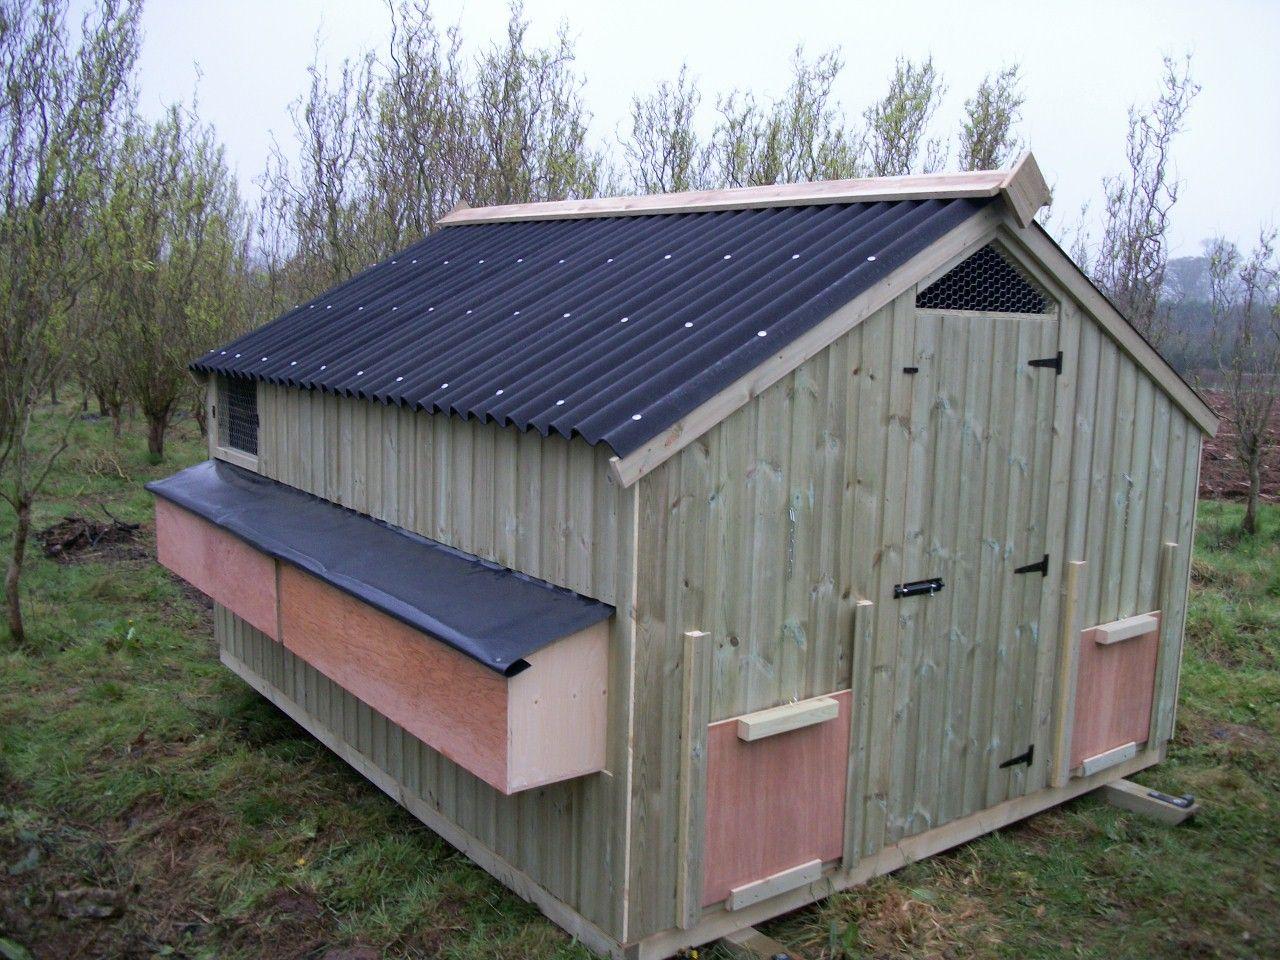 8ft x 6ft 'Ledbury' Free Range Poultry House (50 hens